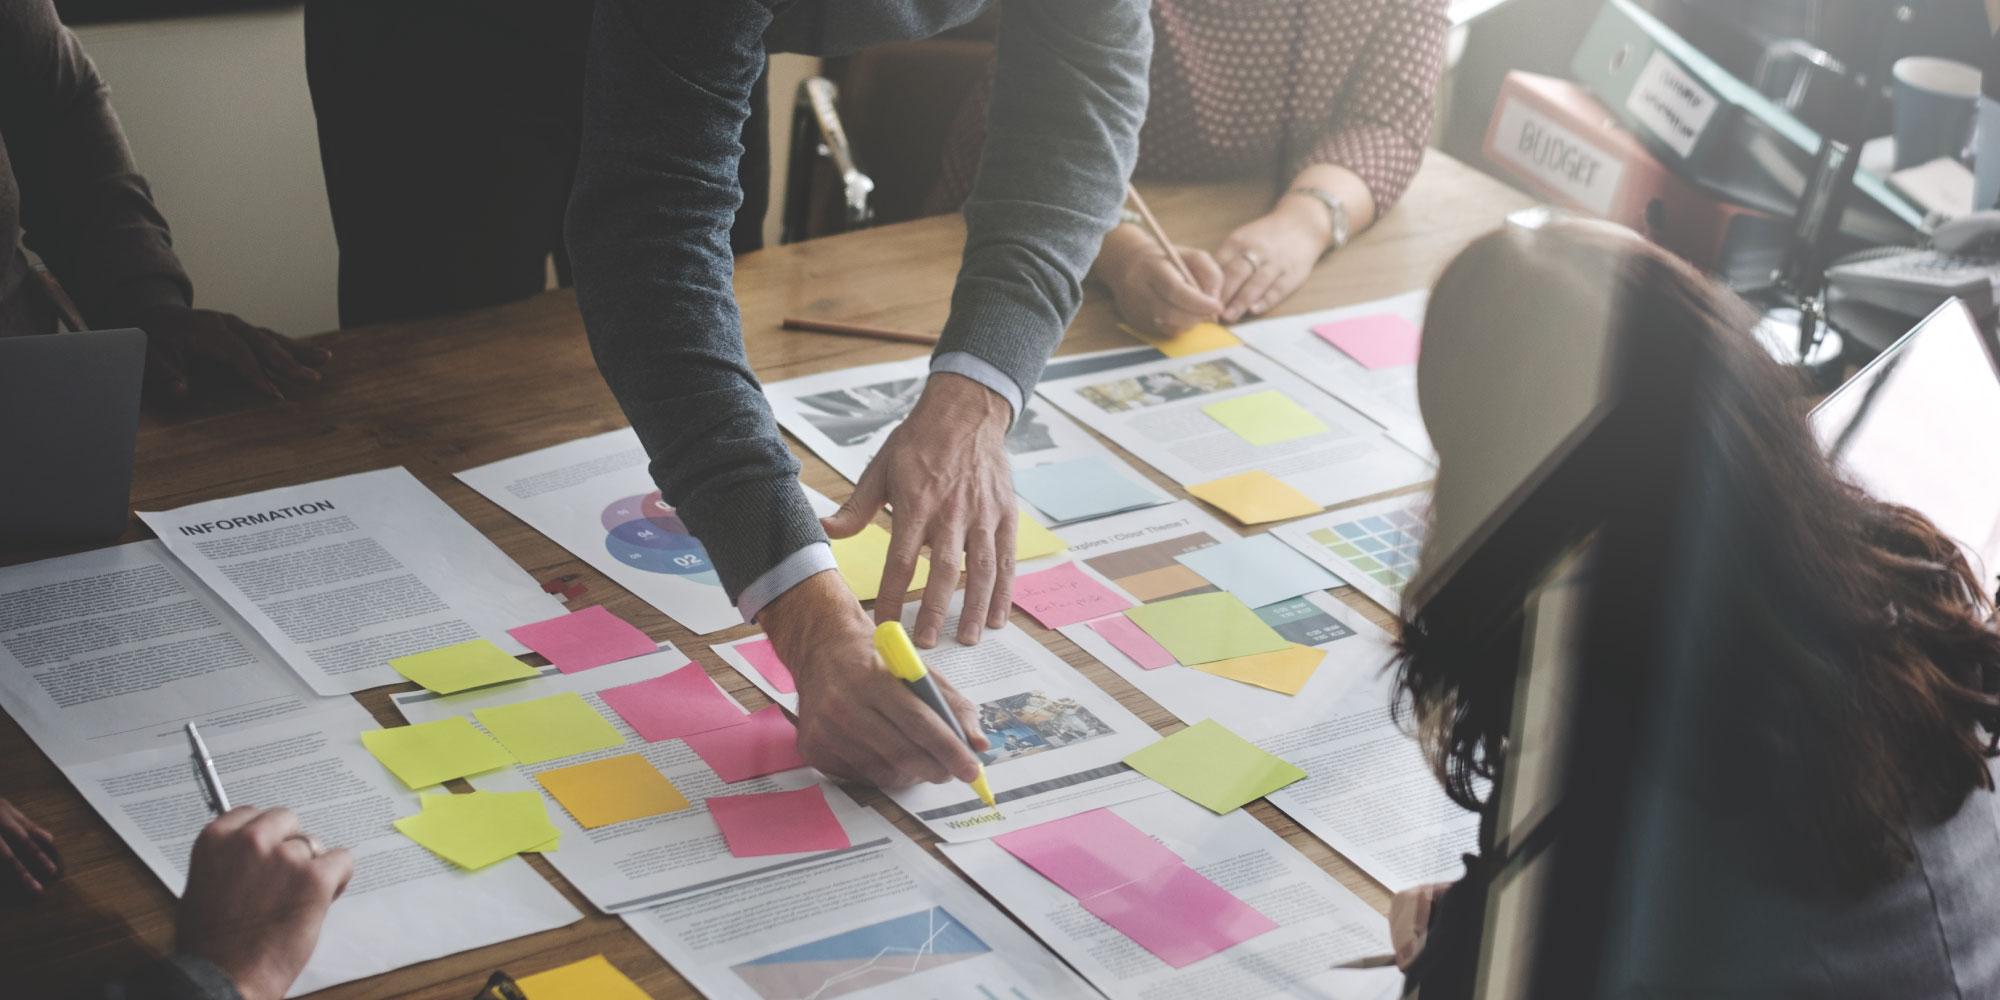 Kết quả hình ảnh cho 8 nội dung của một Chiến lược kinh doanh sắc bén